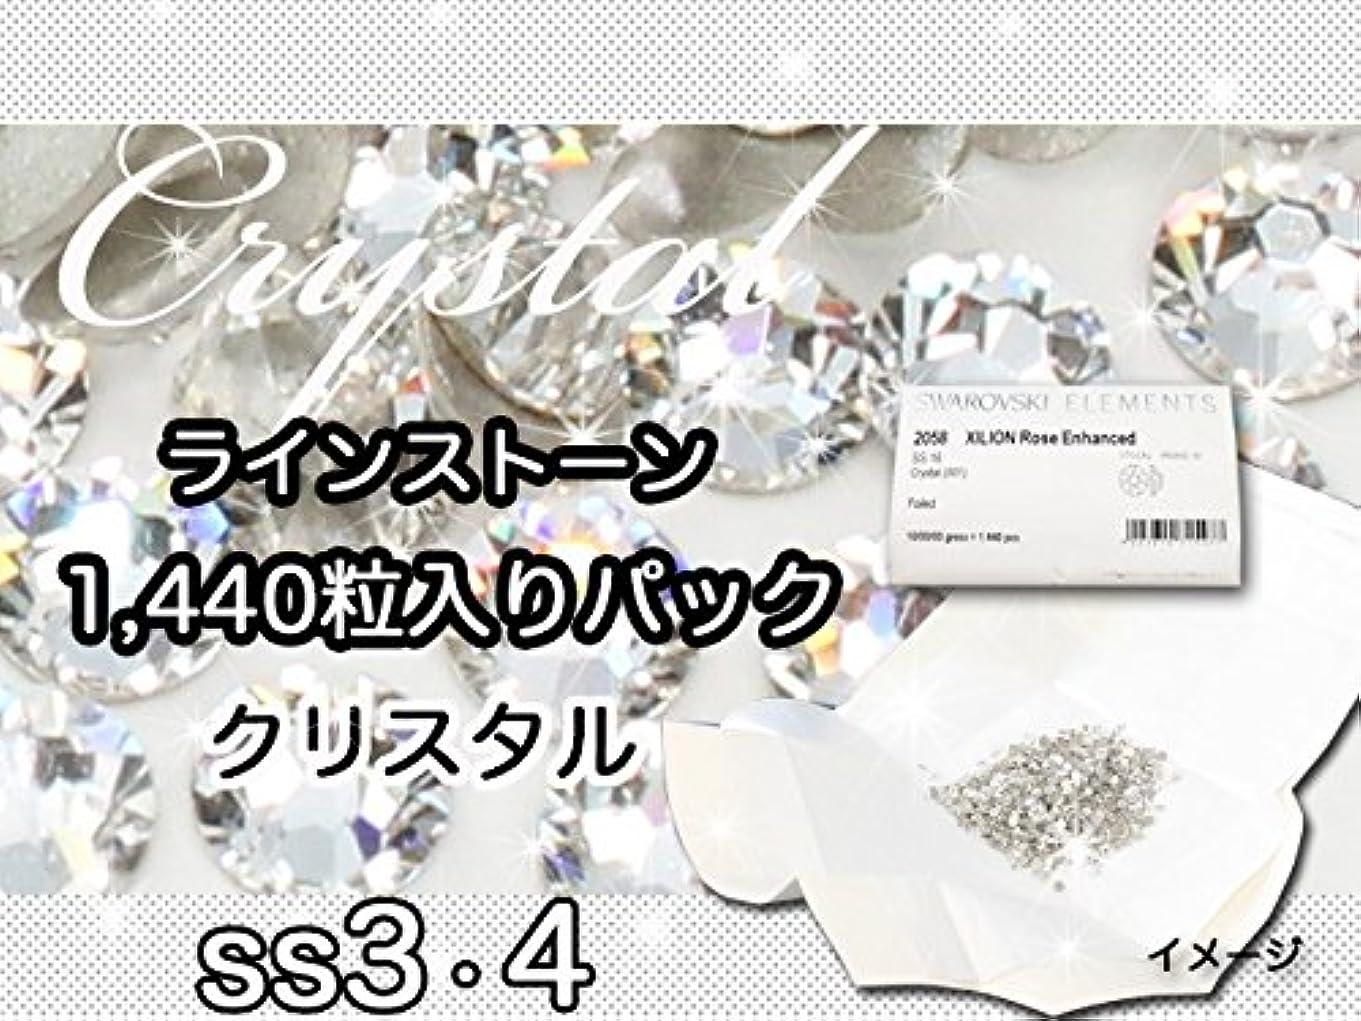 ブラザー節約中毒業務用パック(1440粒入り) クリスタルss3スワロフスキー(Swarovski)/ラインストーン